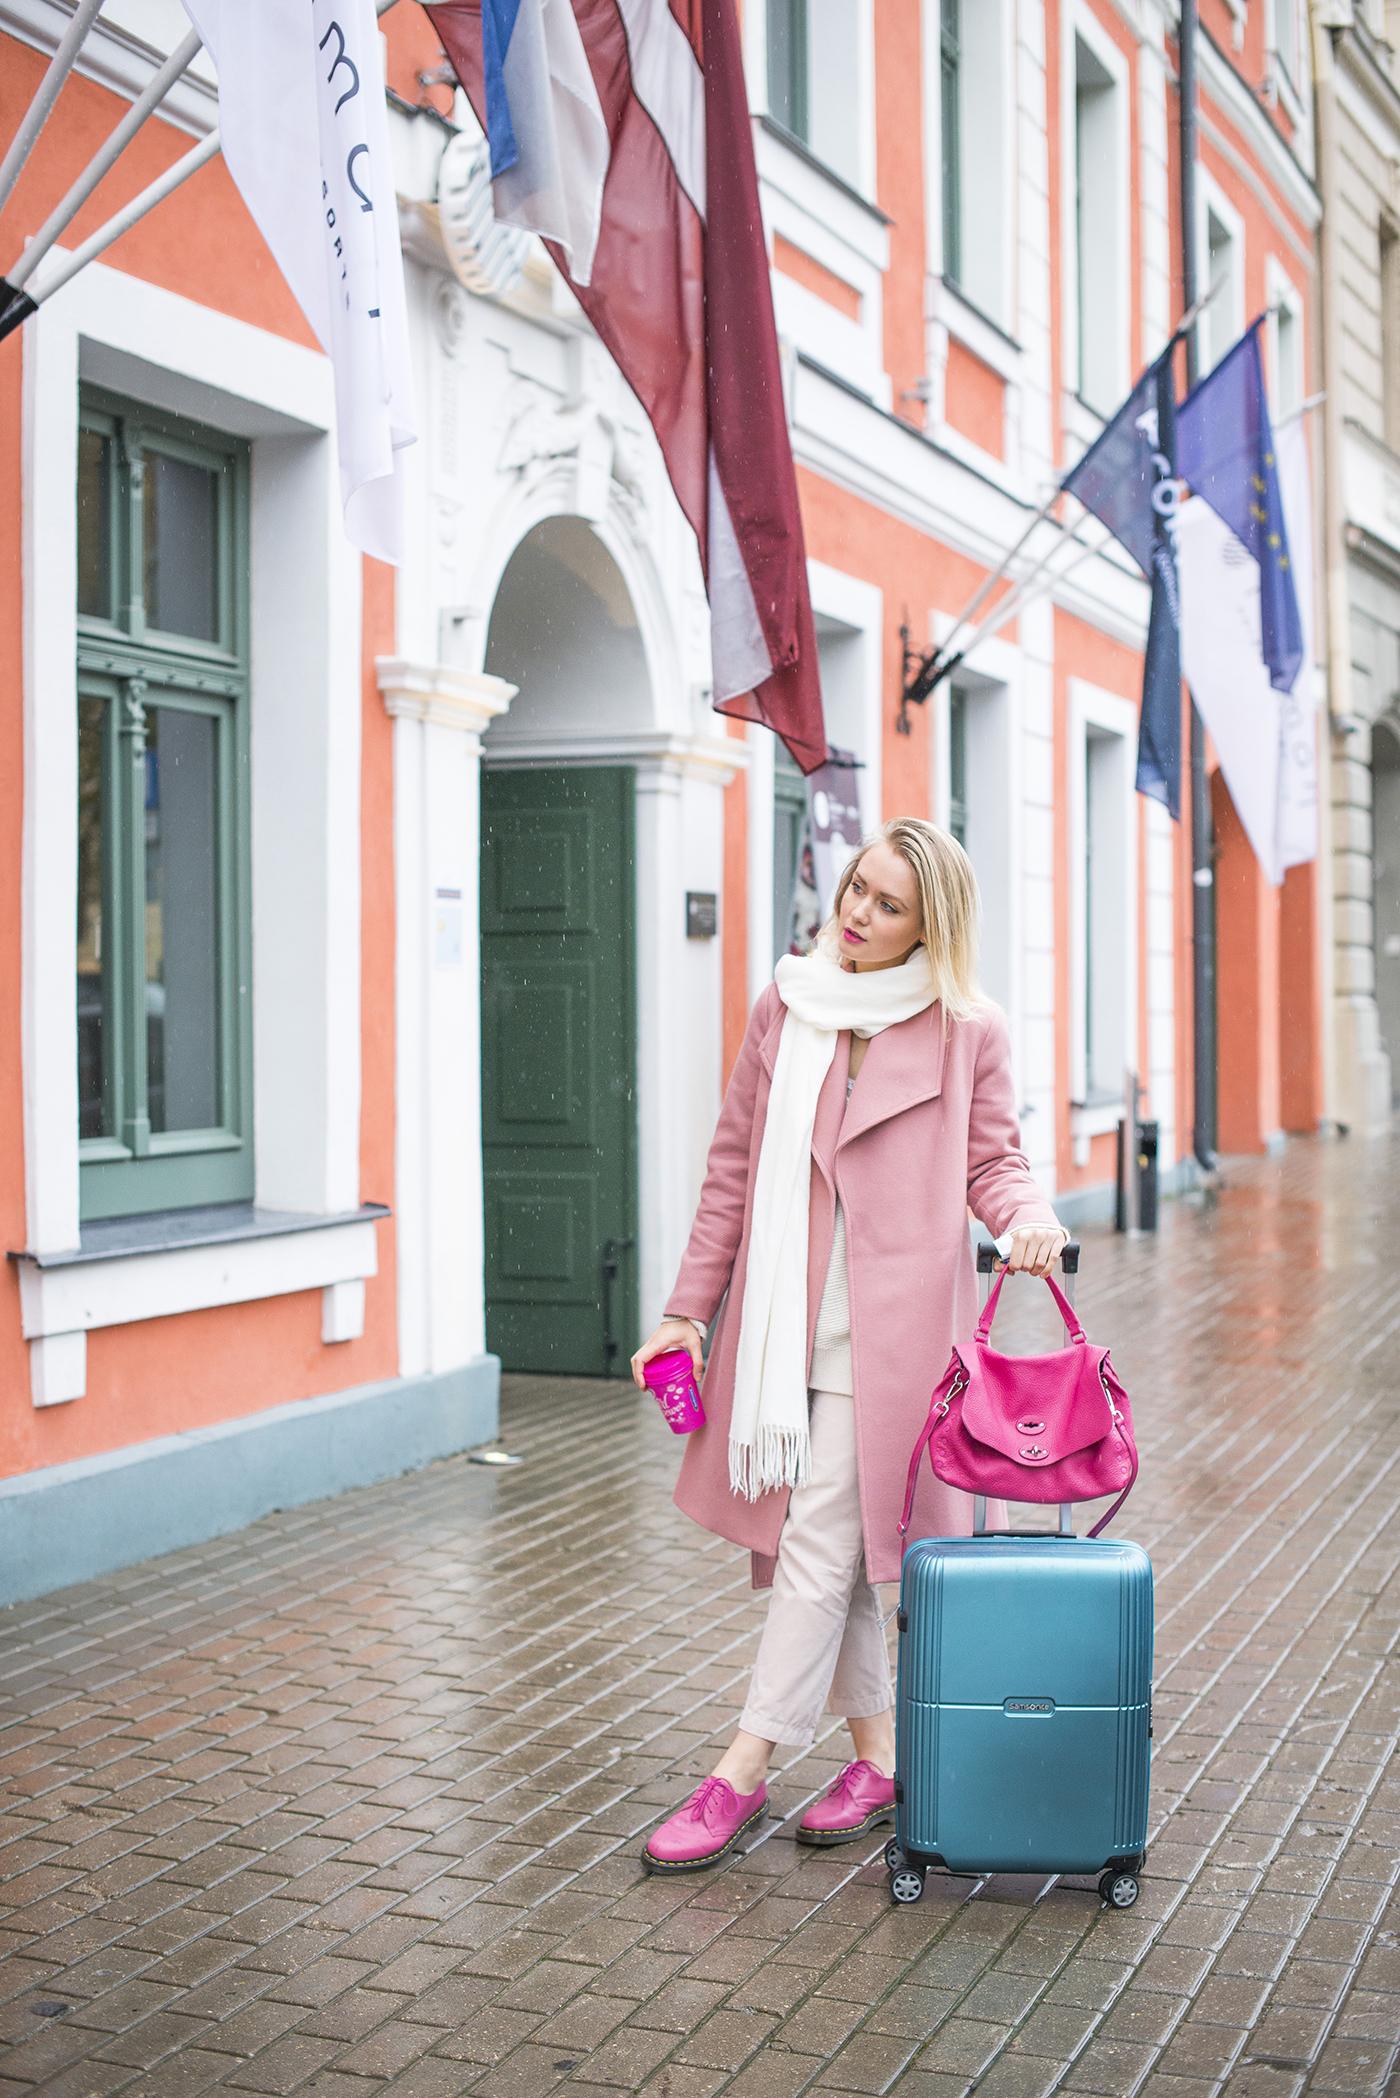 annamidday, анна миддэй, анна мидэй, travel blogger, русский блогер, известный блогер, топовый блогер, russian bloger, top russian blogger, russian travel blogger, российский блогер, ТОП блогер, популярный блогер, трэвэл блогер, путешественник,